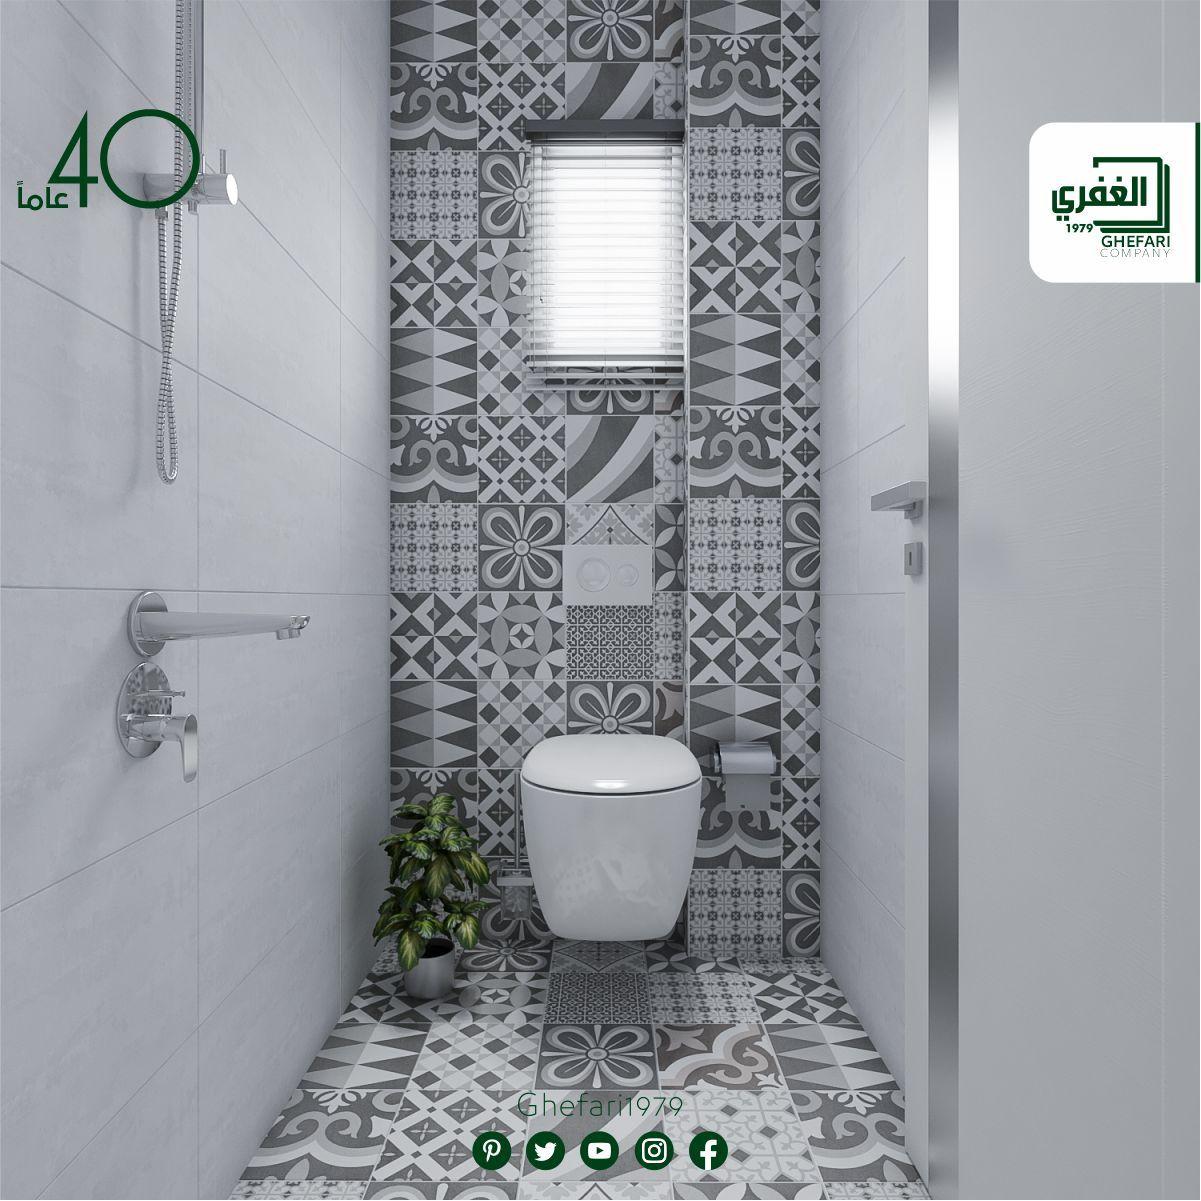 بورسلان أسباني ديكور اندلسي للاستخدام داخل الحمامات المطابخ اماكن اخرى للمزيد زورونا على موقع الشركة Https Www Ghefari C House Elevation Bathroom Bathtub